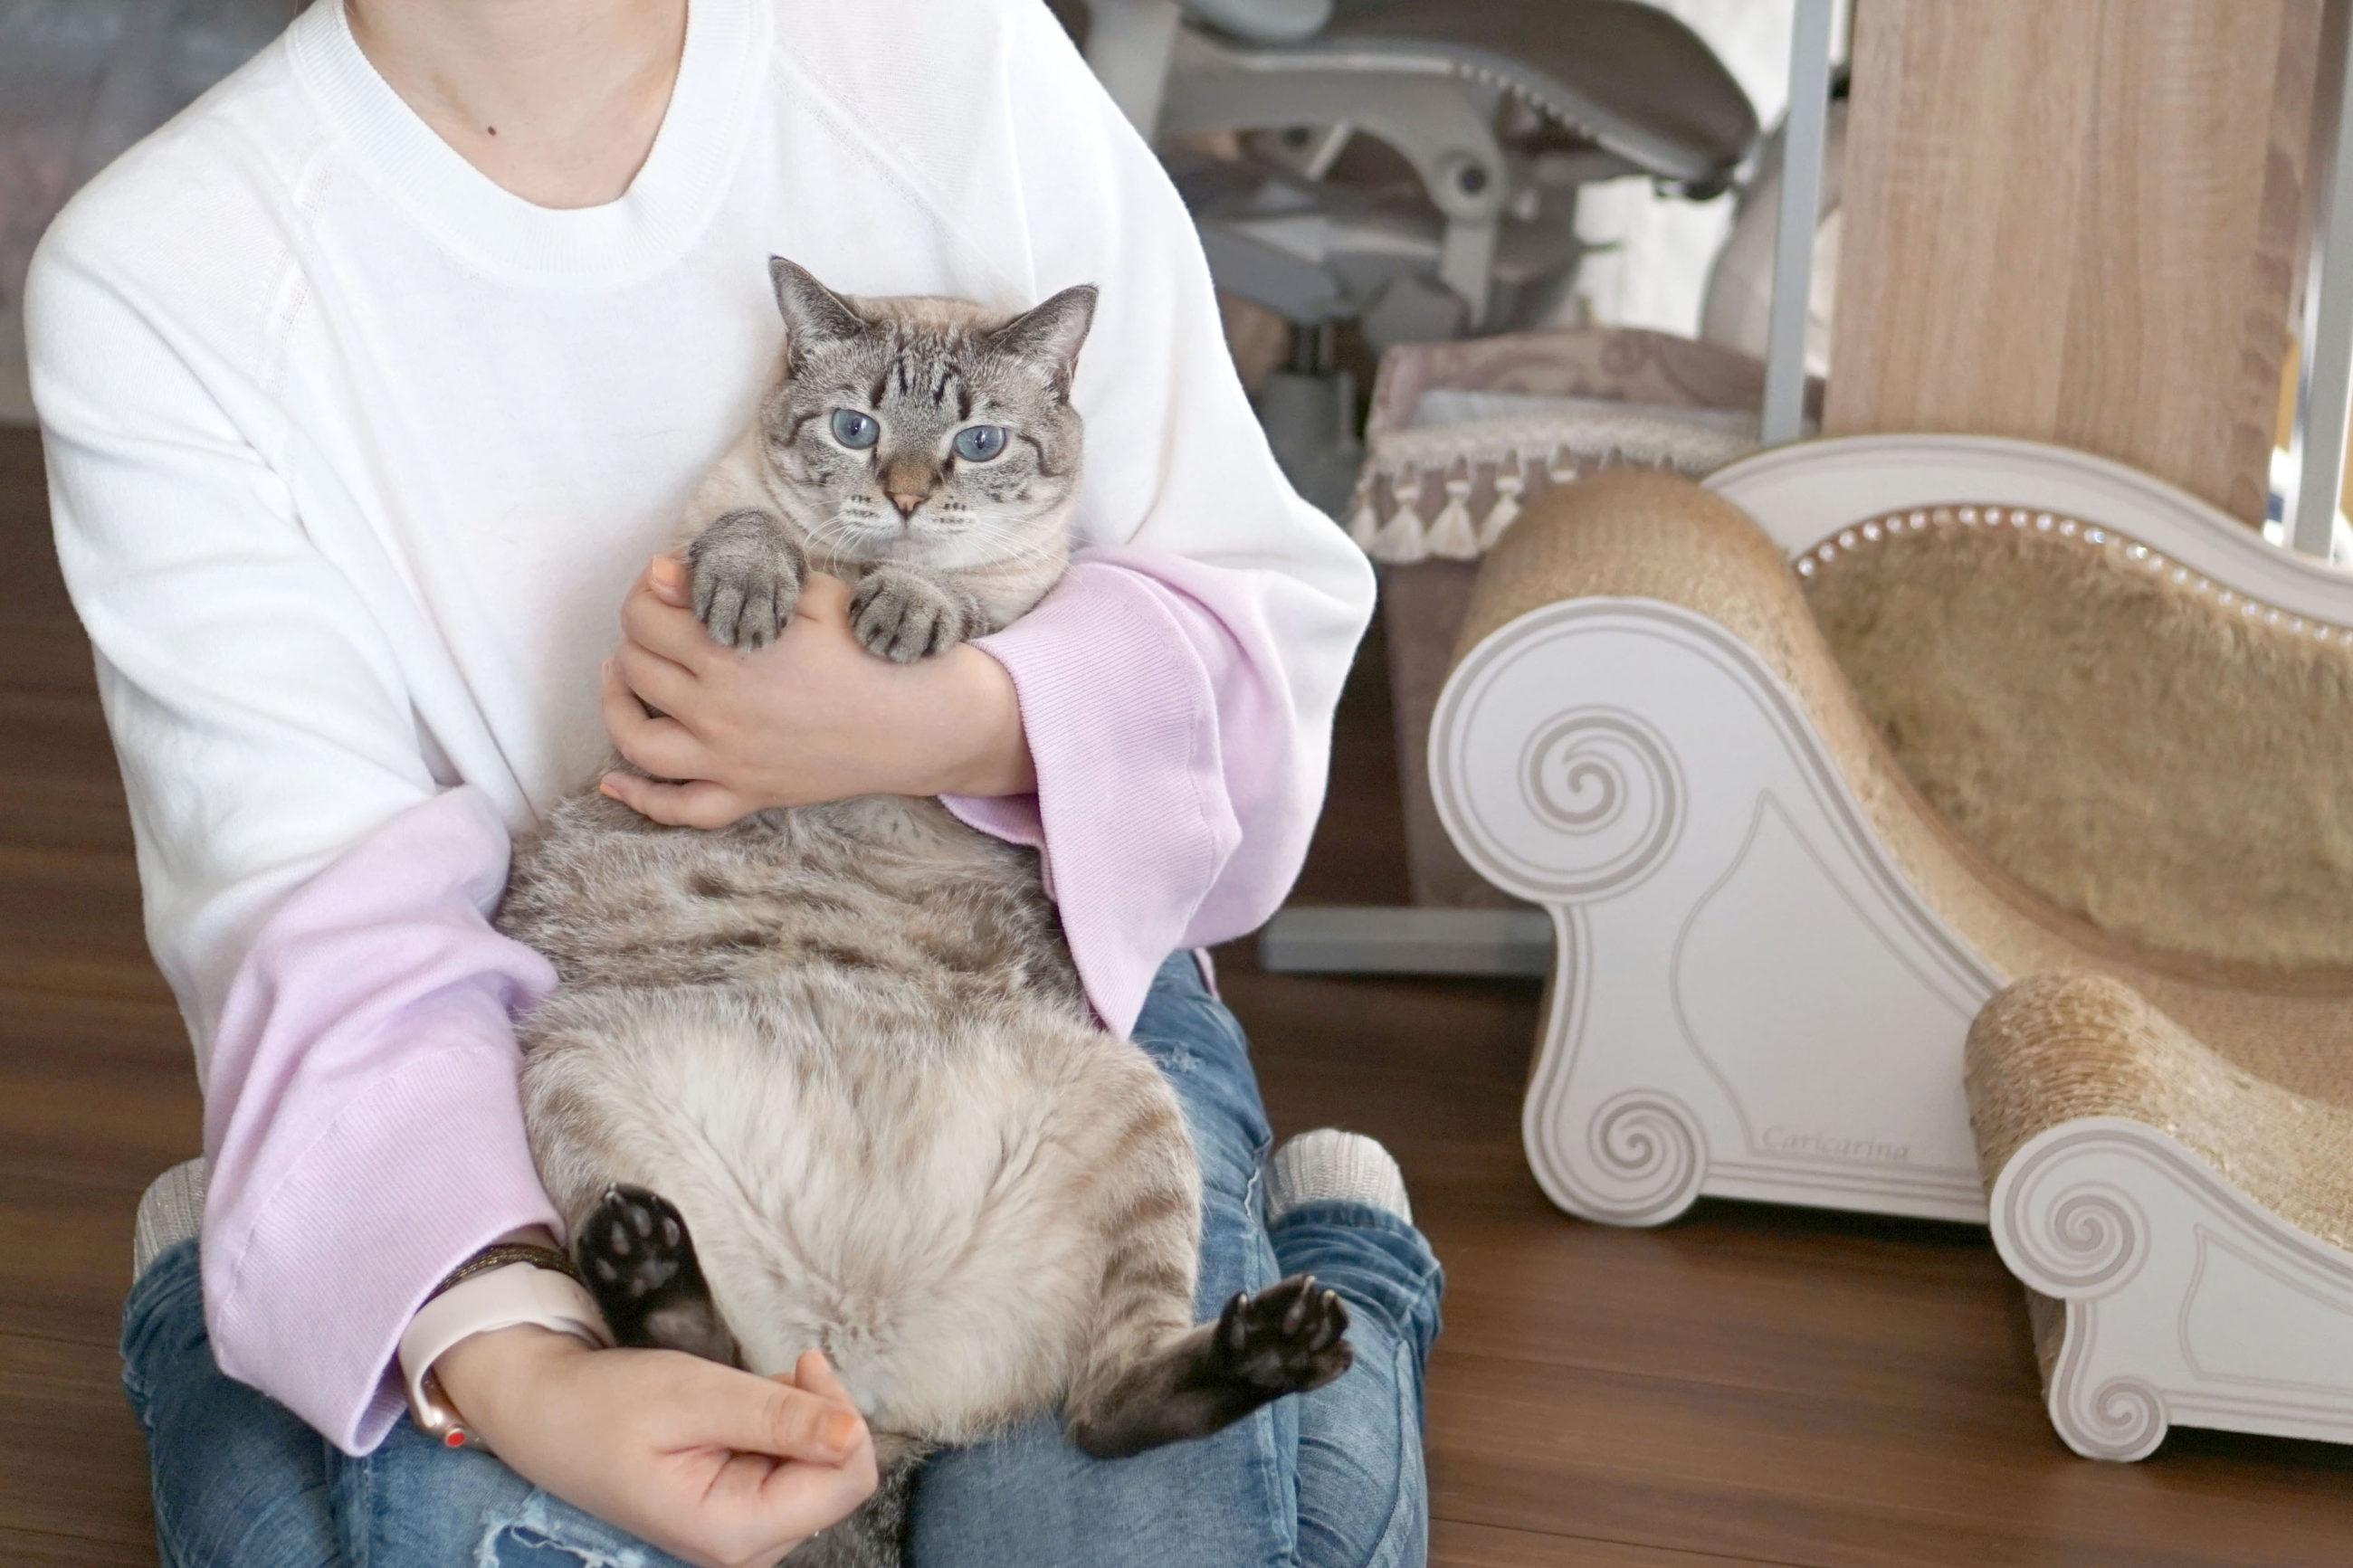 被災地のノラ猫と過剰繁殖の場から救出された猫を迎えて。漫画家・横槍メンゴさん(1)